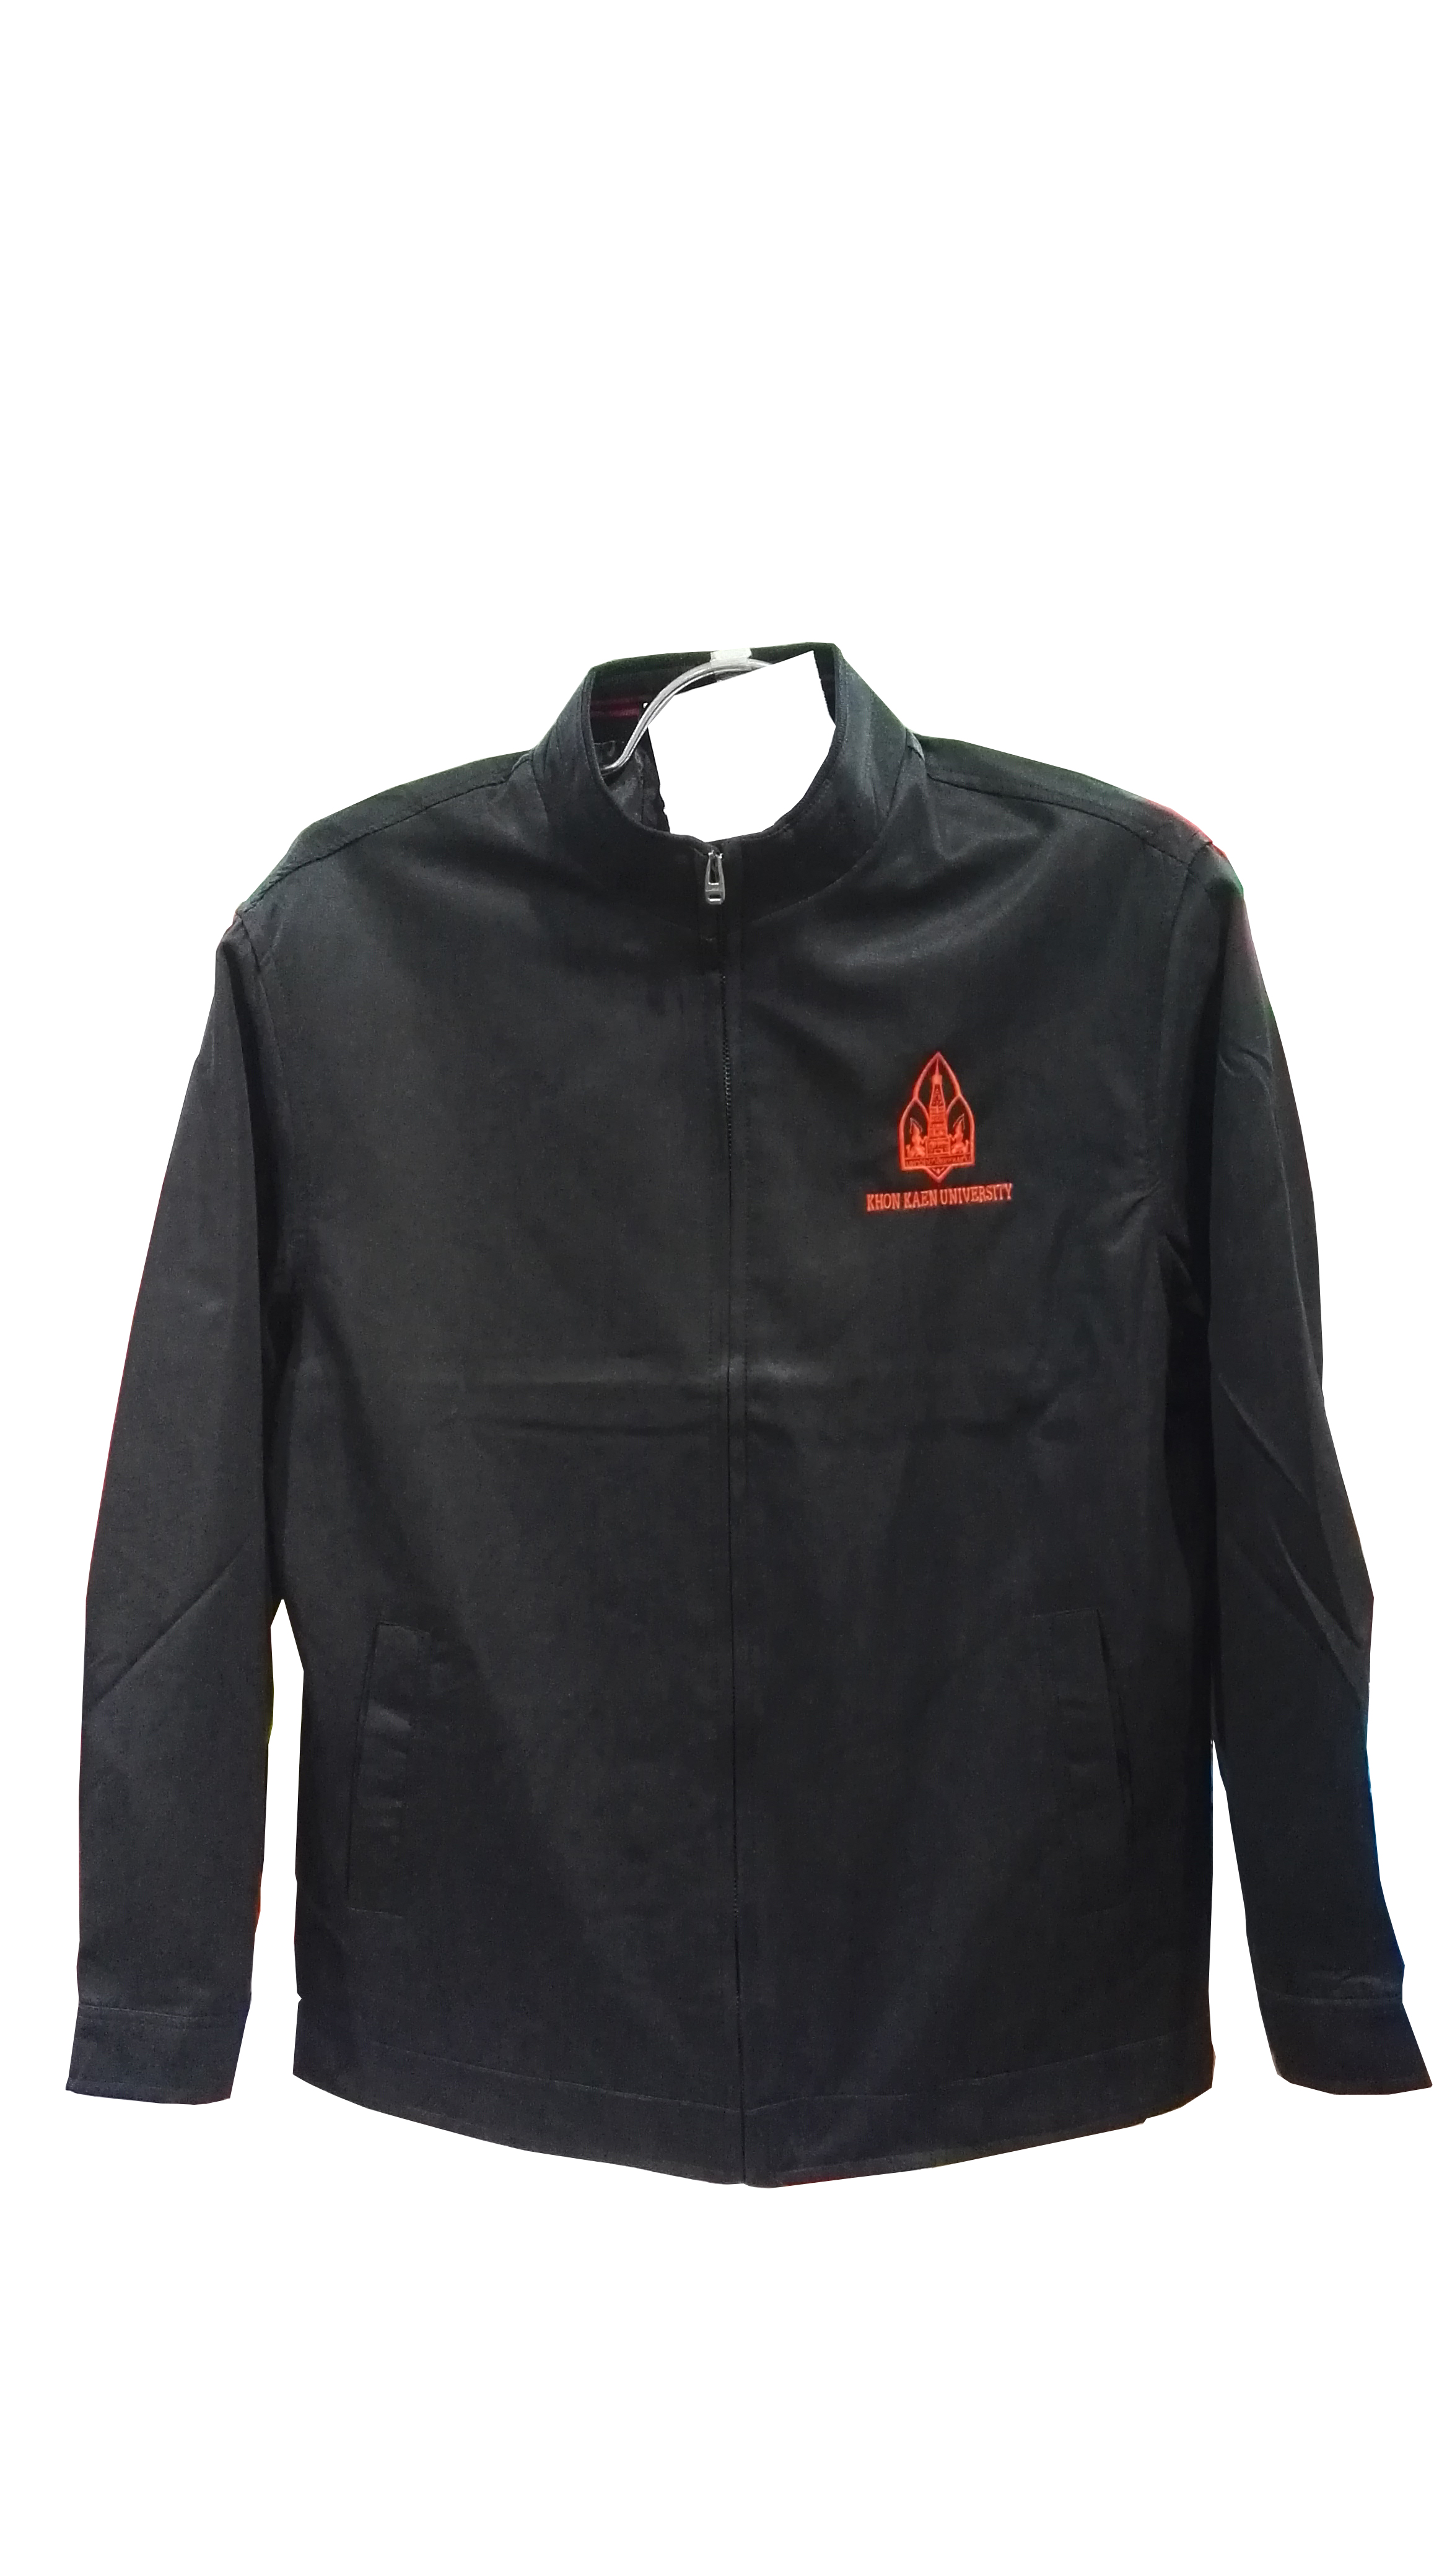 เสื้อแจ็คเก็ตคอจีนสีดำ Size S